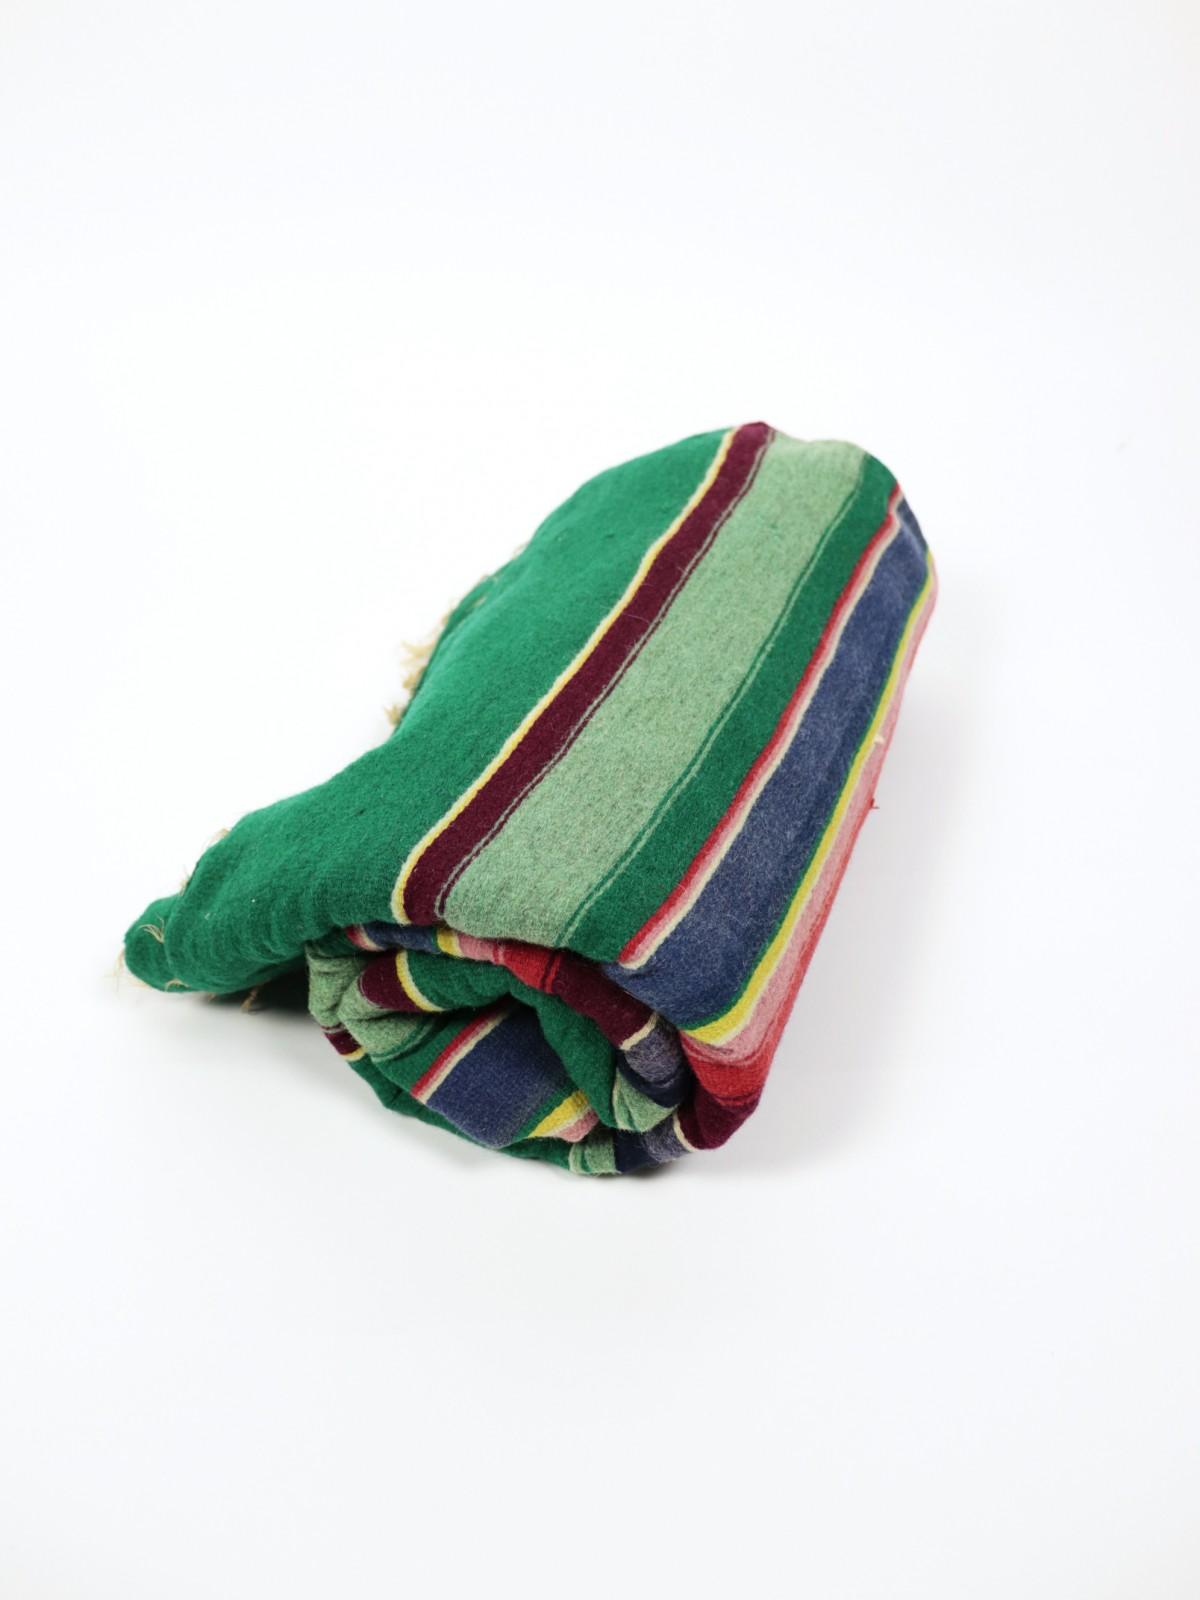 Mexican blanke, wool, 1930's